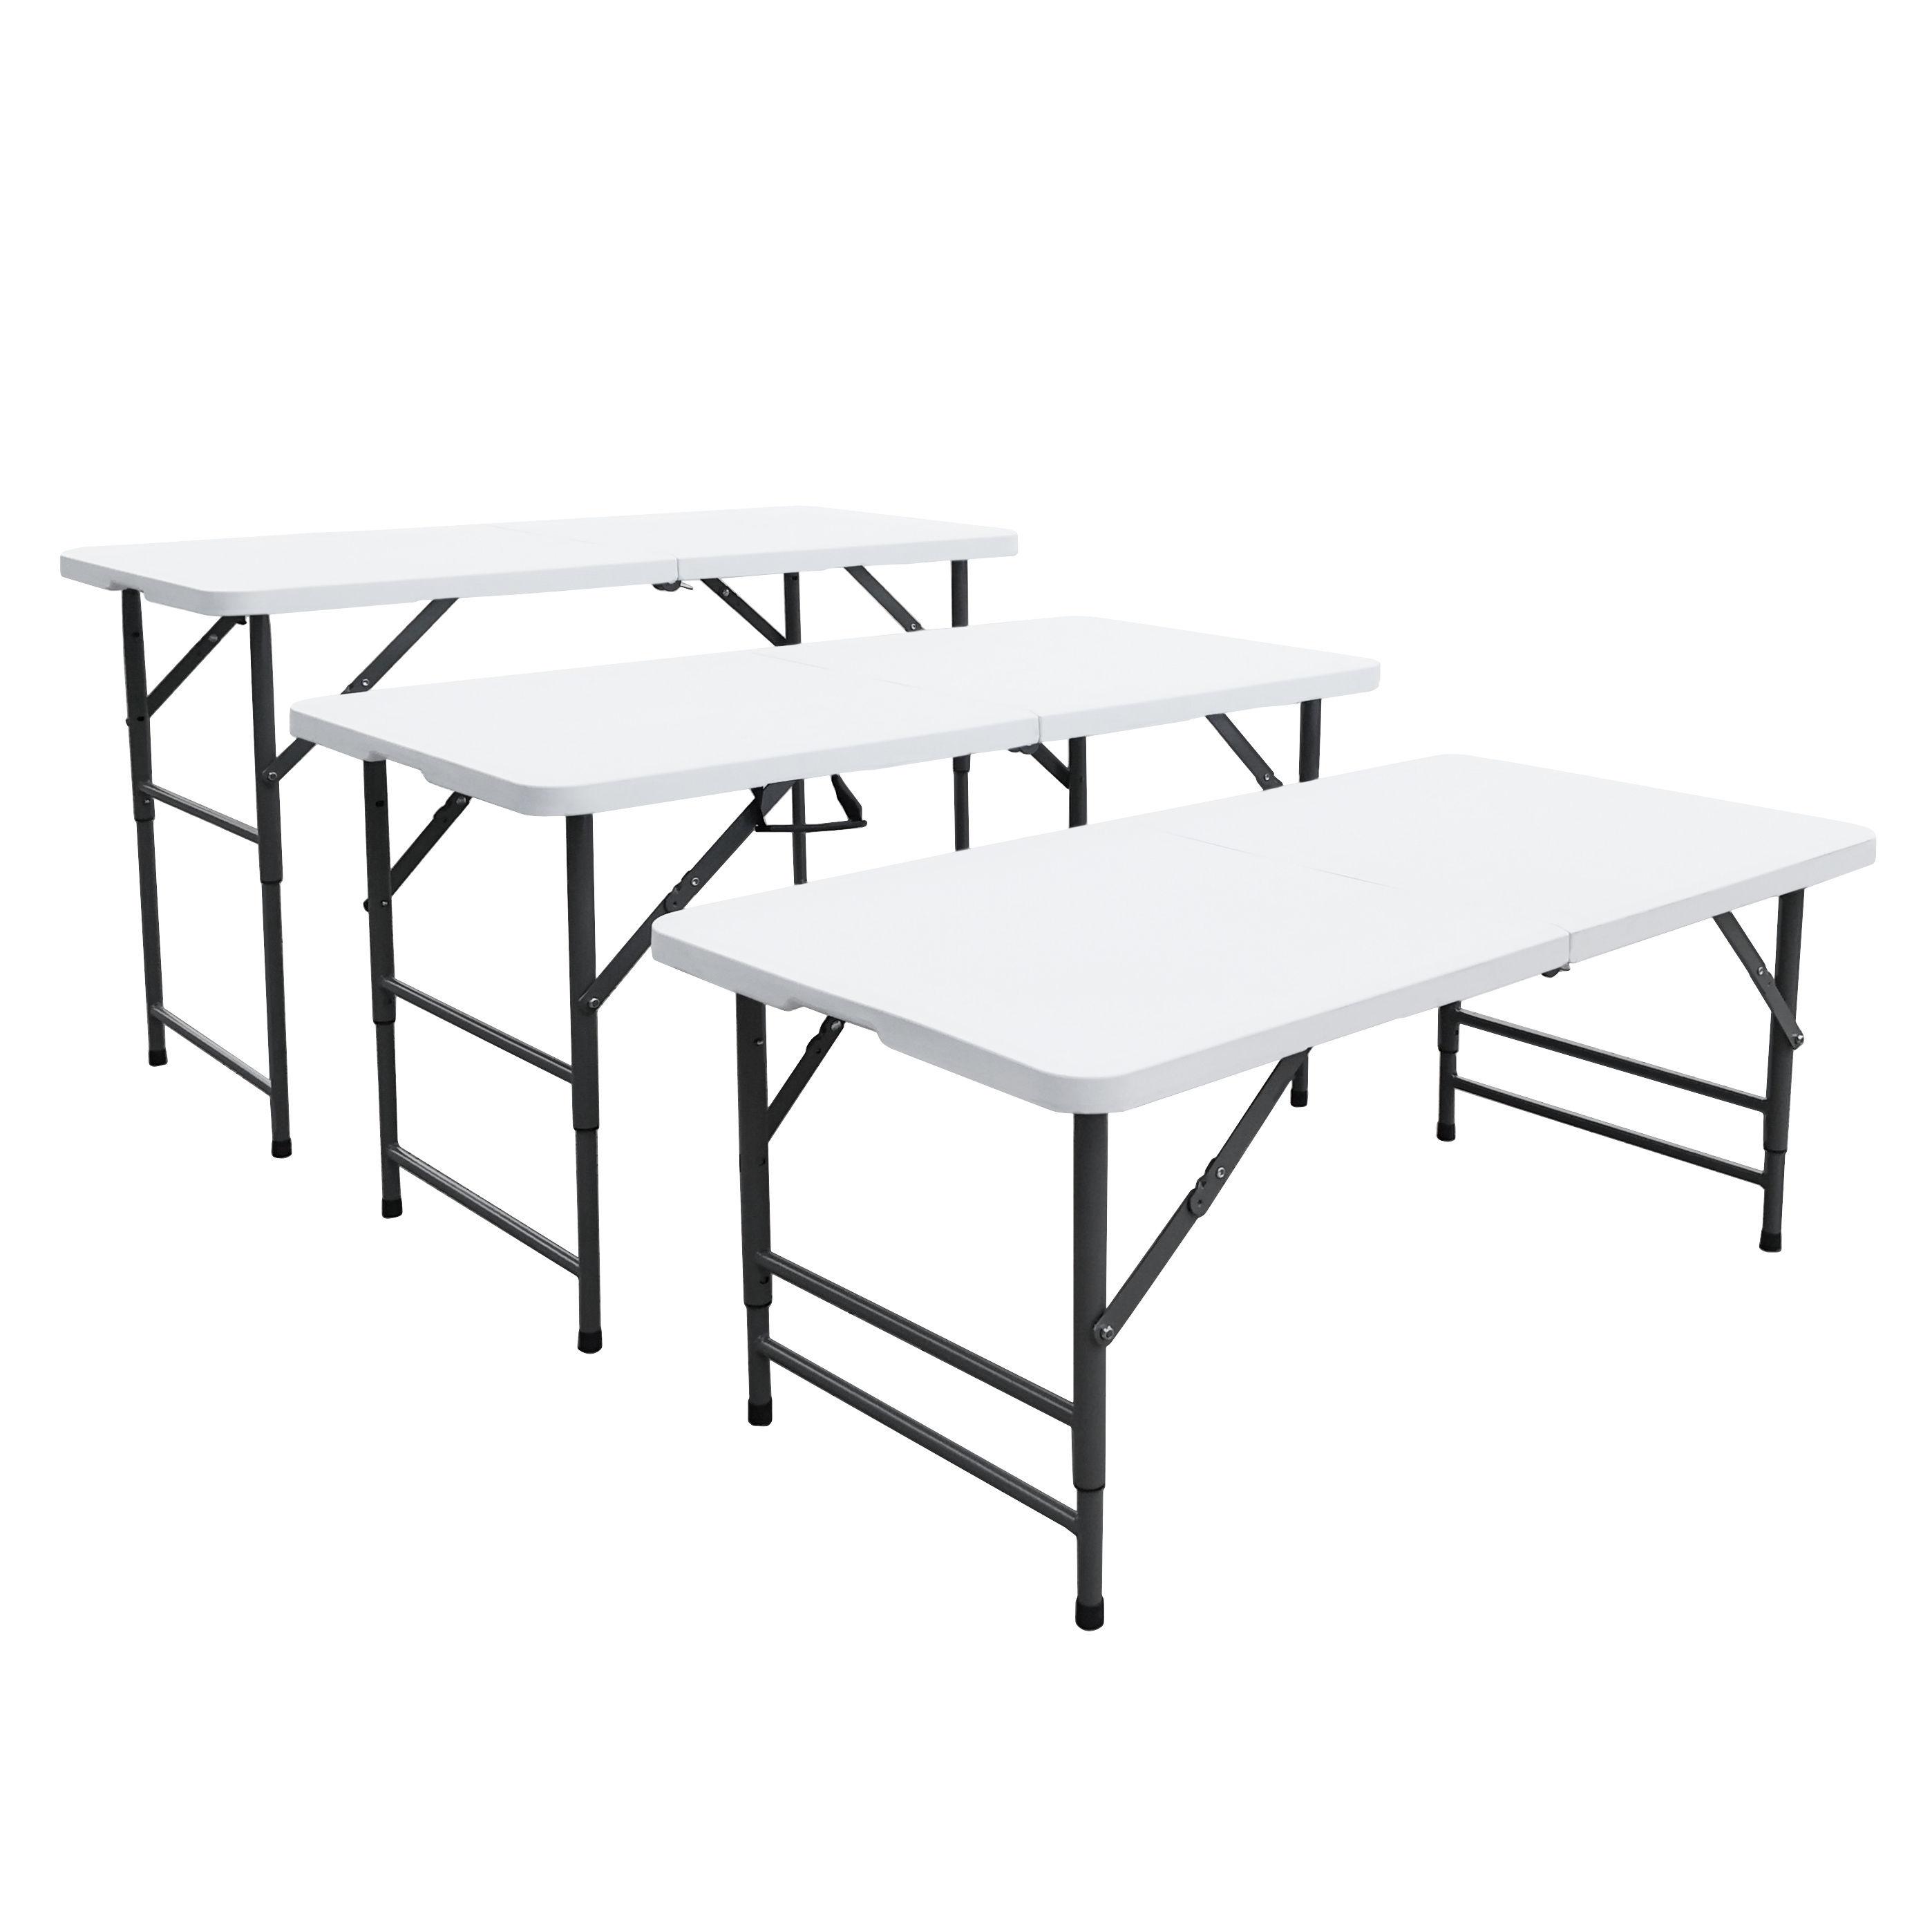 Table pliante à 3 hauteurs réglables